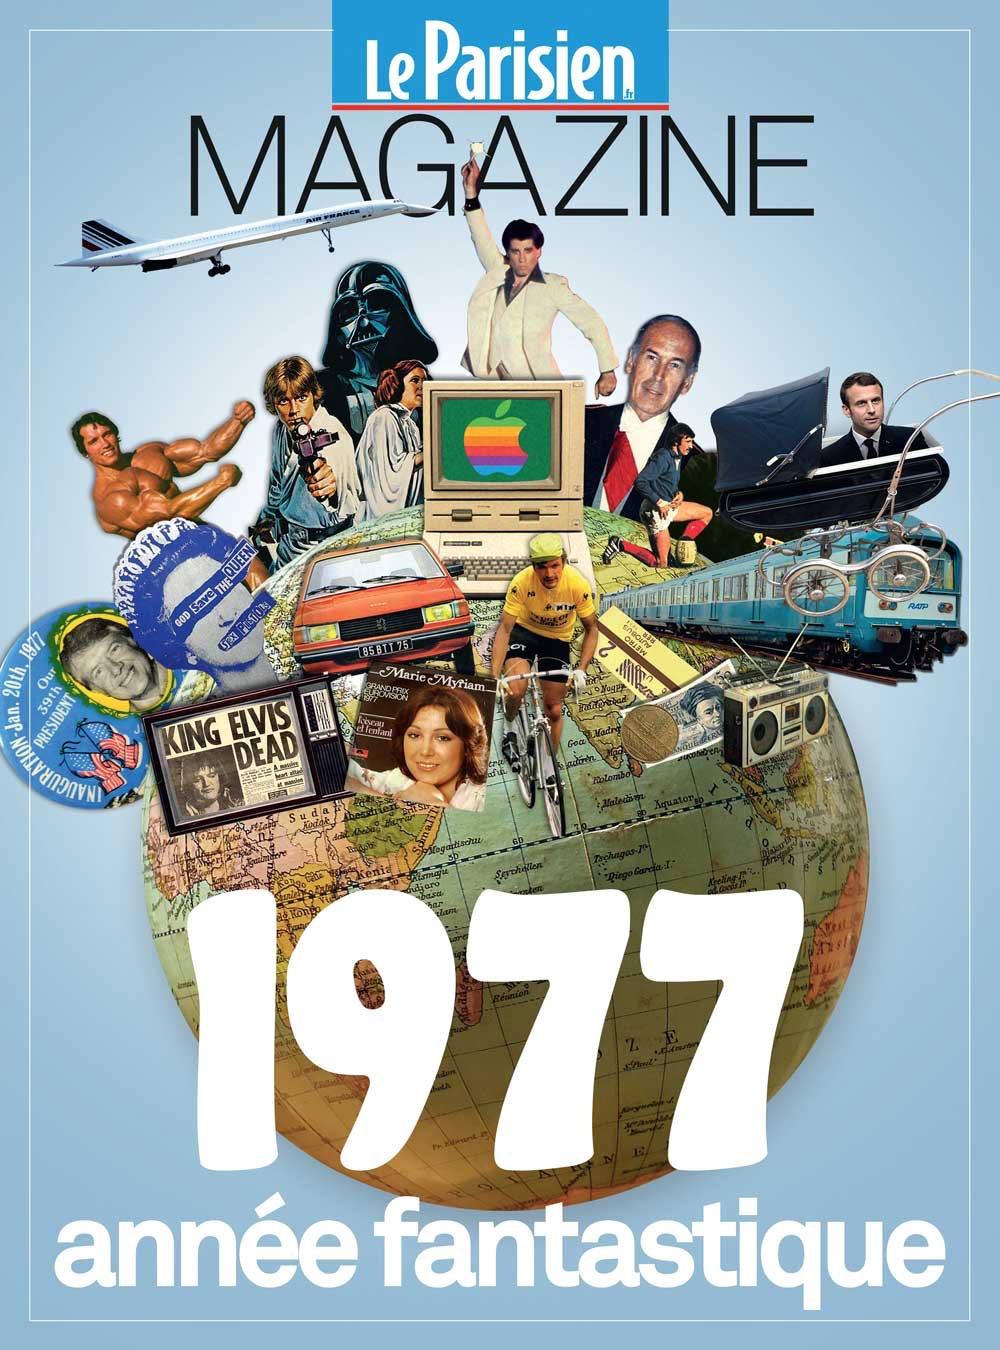 Le Parisien Magazine 07/07/17